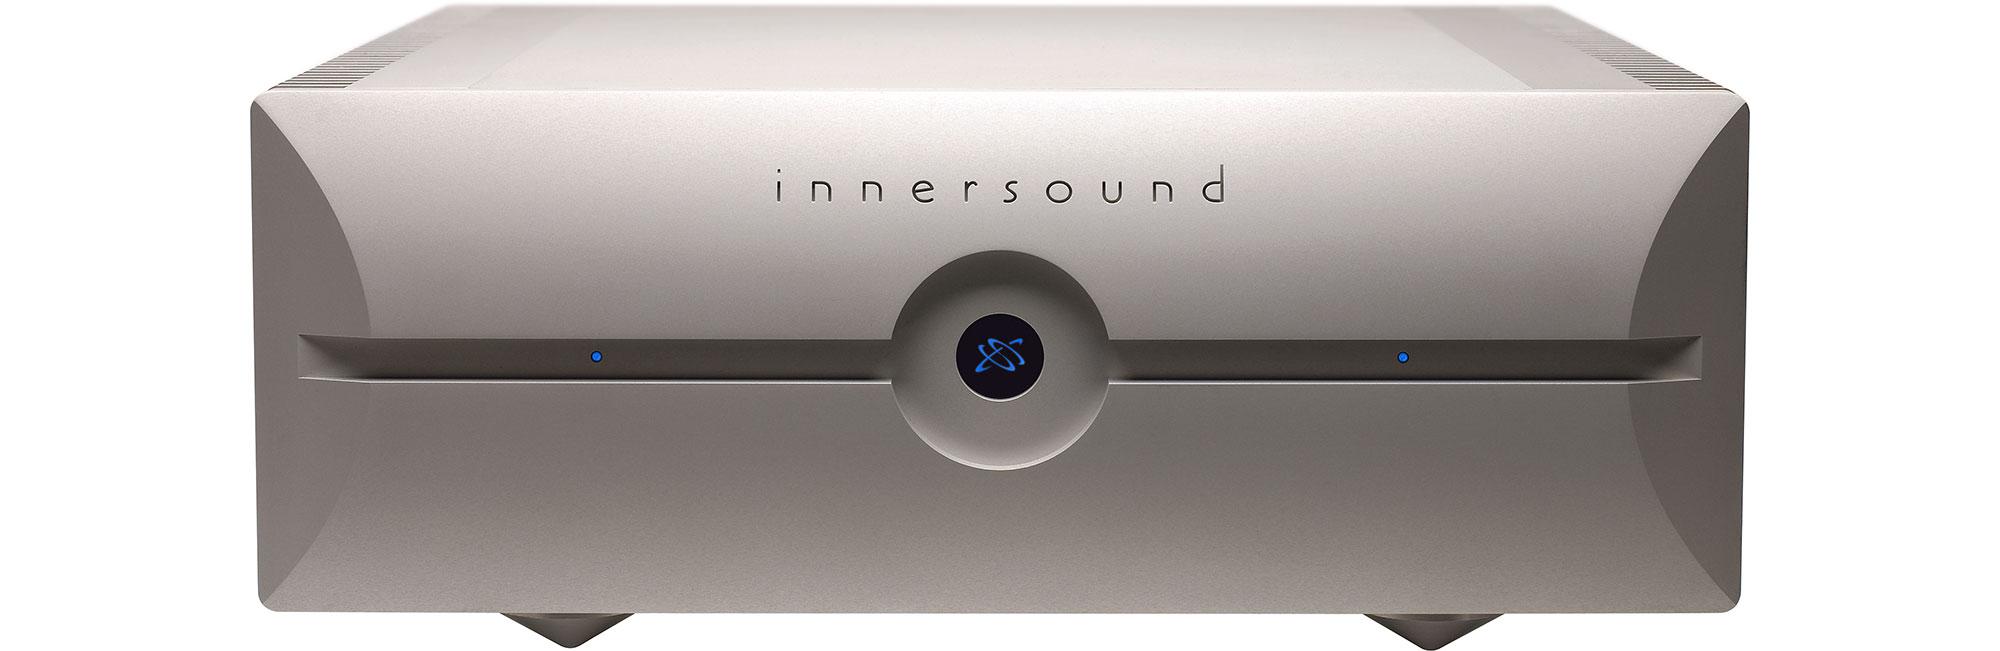 Innersound_amp.jpg